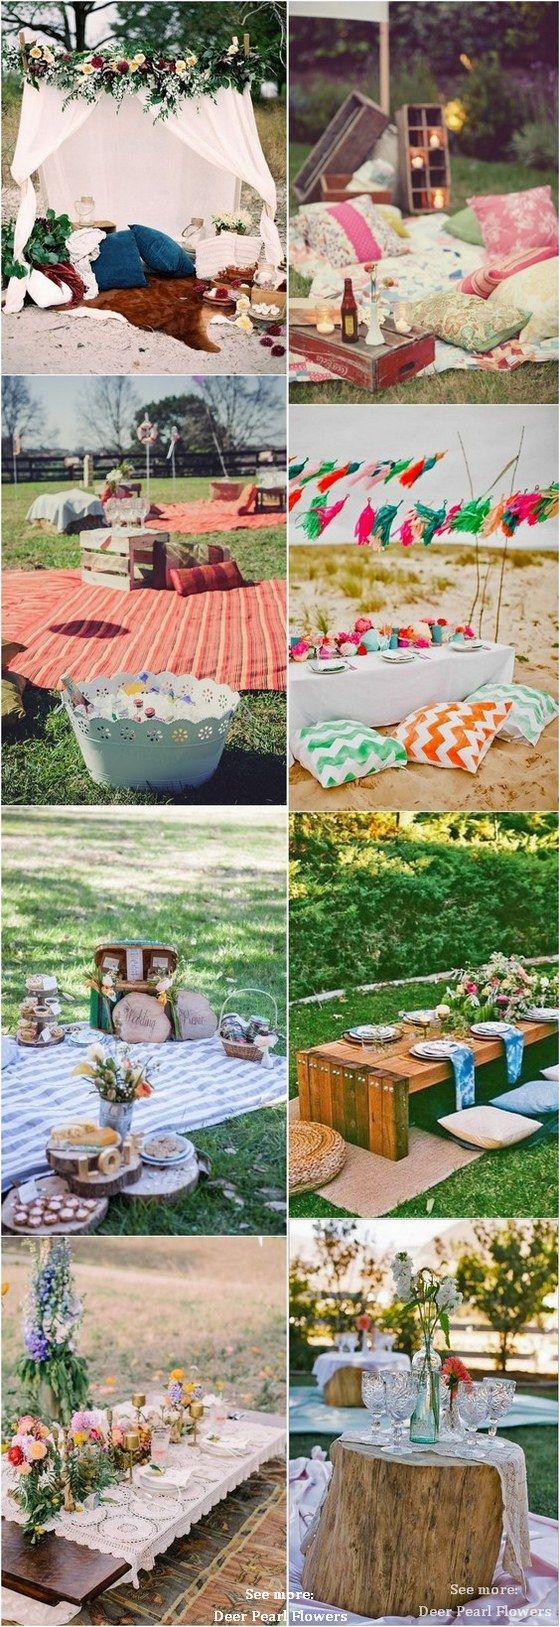 202 best outdoor weddings images on pinterest outdoor weddings